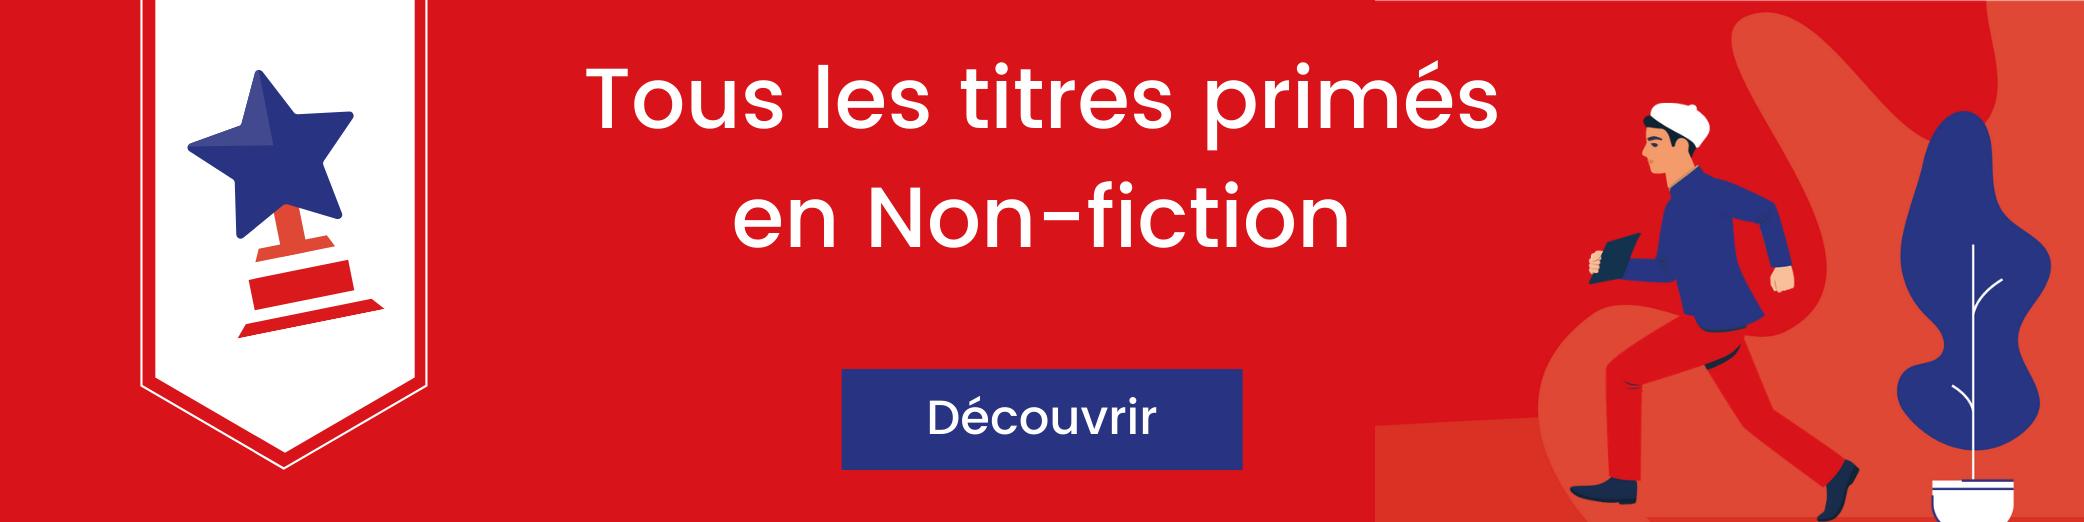 Bannière titres primés en non-fiction